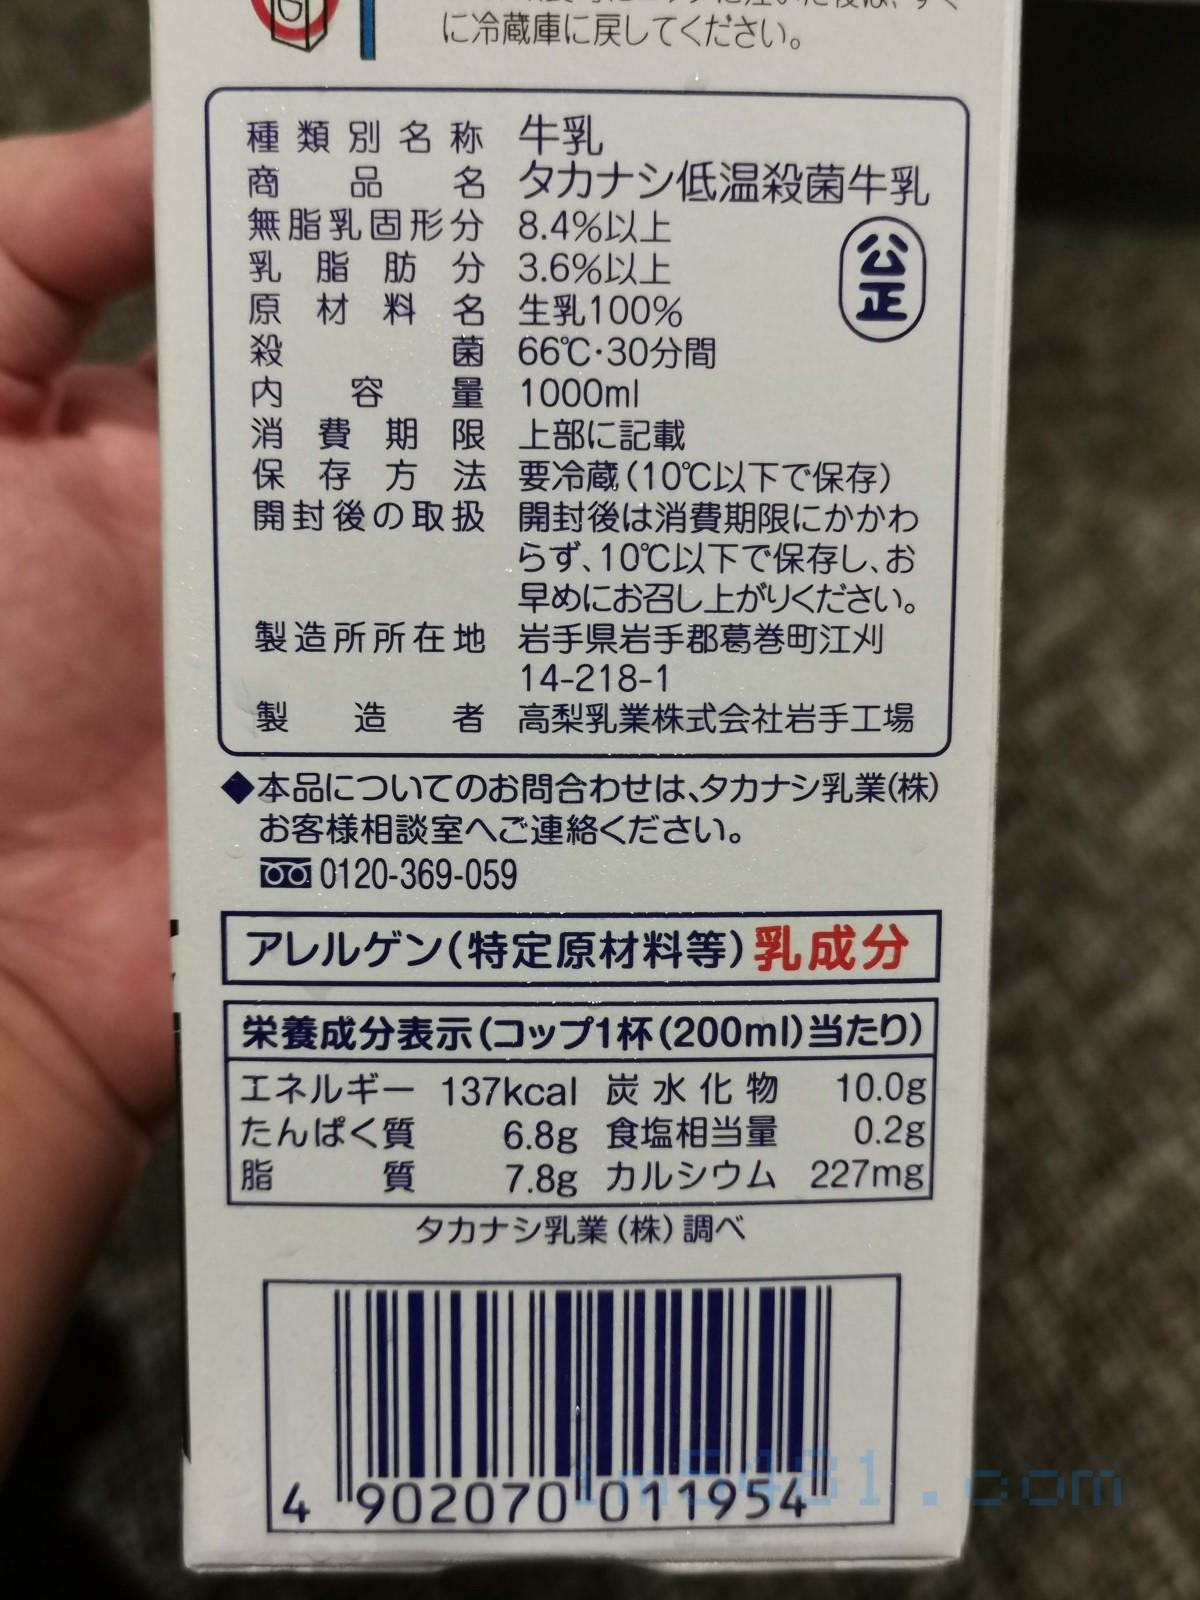 日本鮮乳的成分跟營養成分